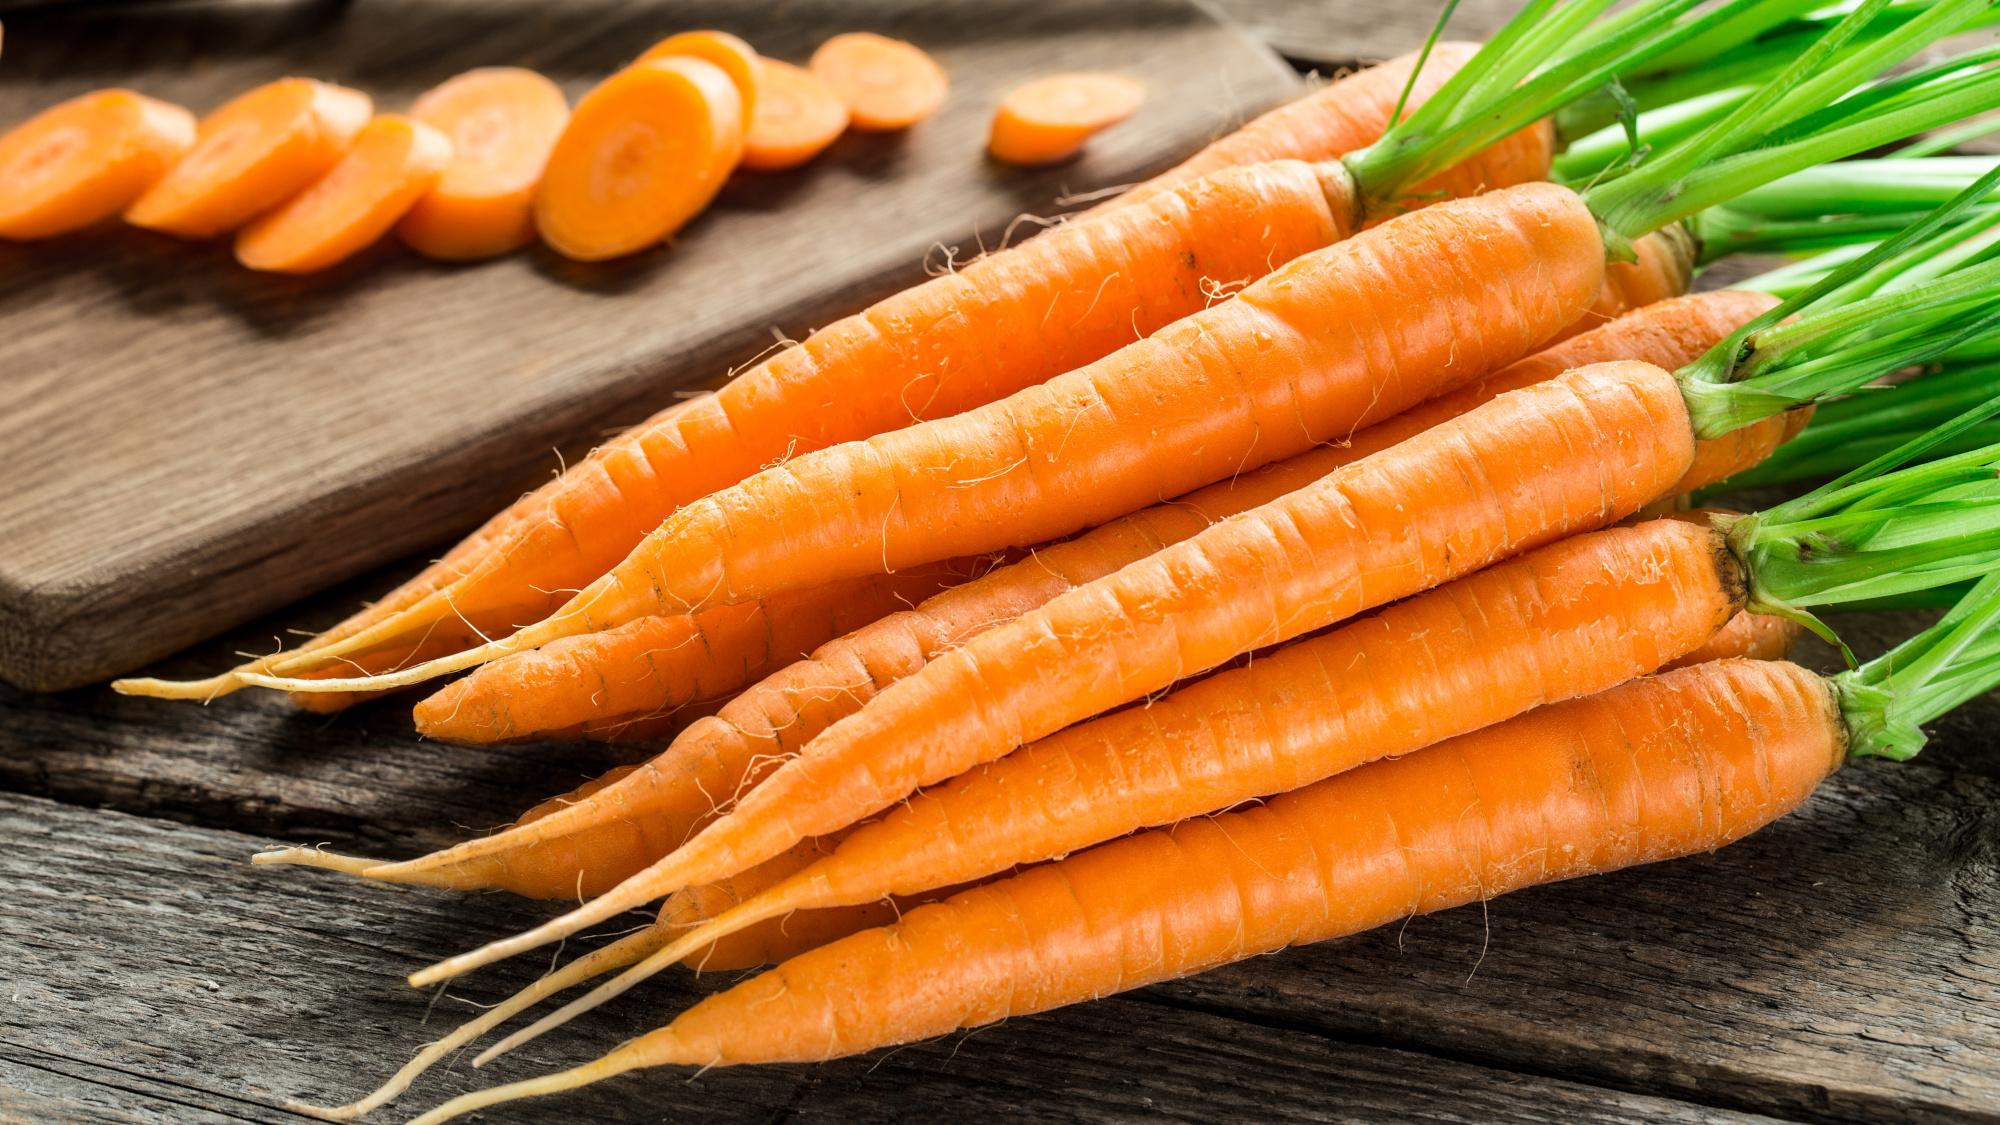 Carrots!